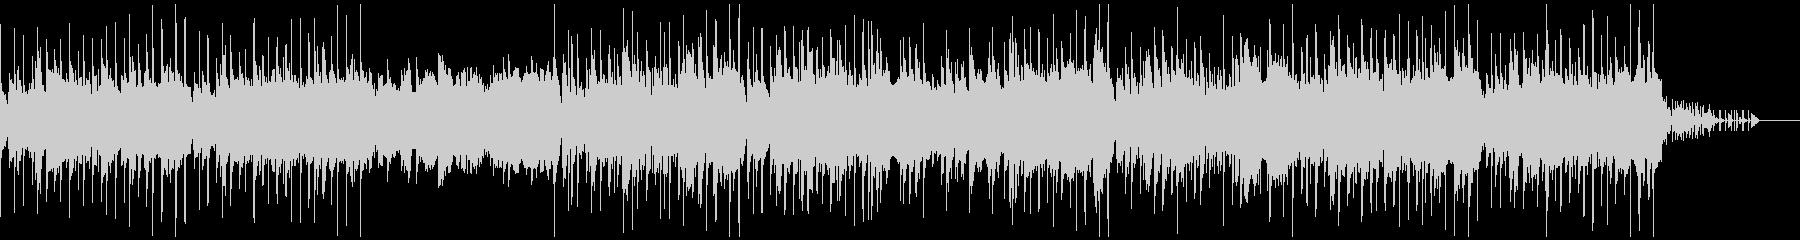 シンセを使ったスペイシーなエレクトロニカの未再生の波形